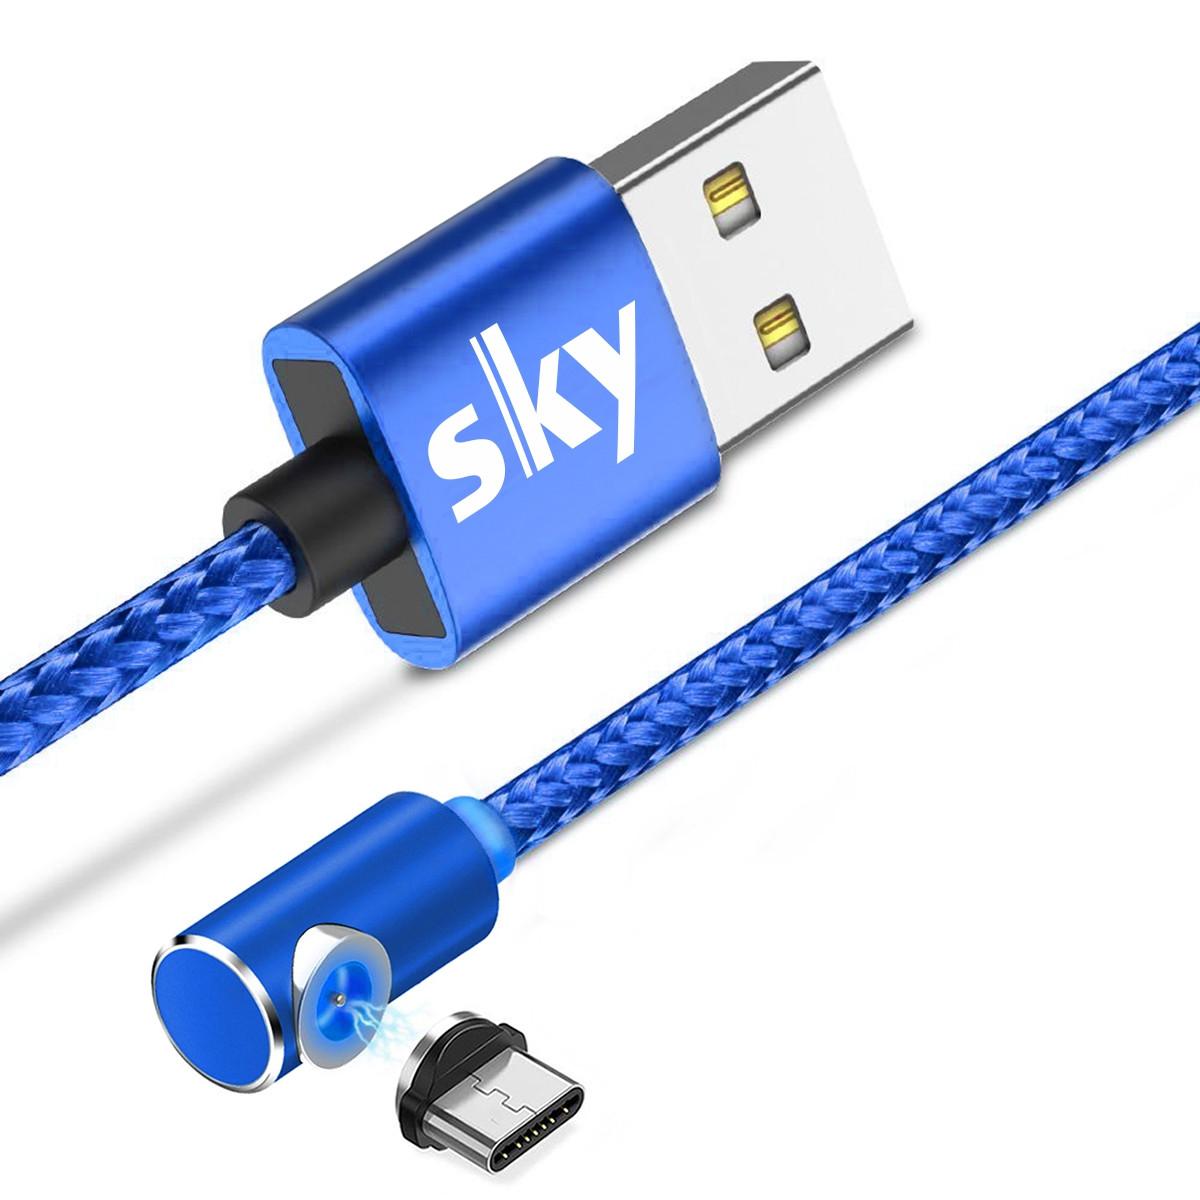 Магнітний кабель SKY type C (L) для заряджання (100 см) Blue